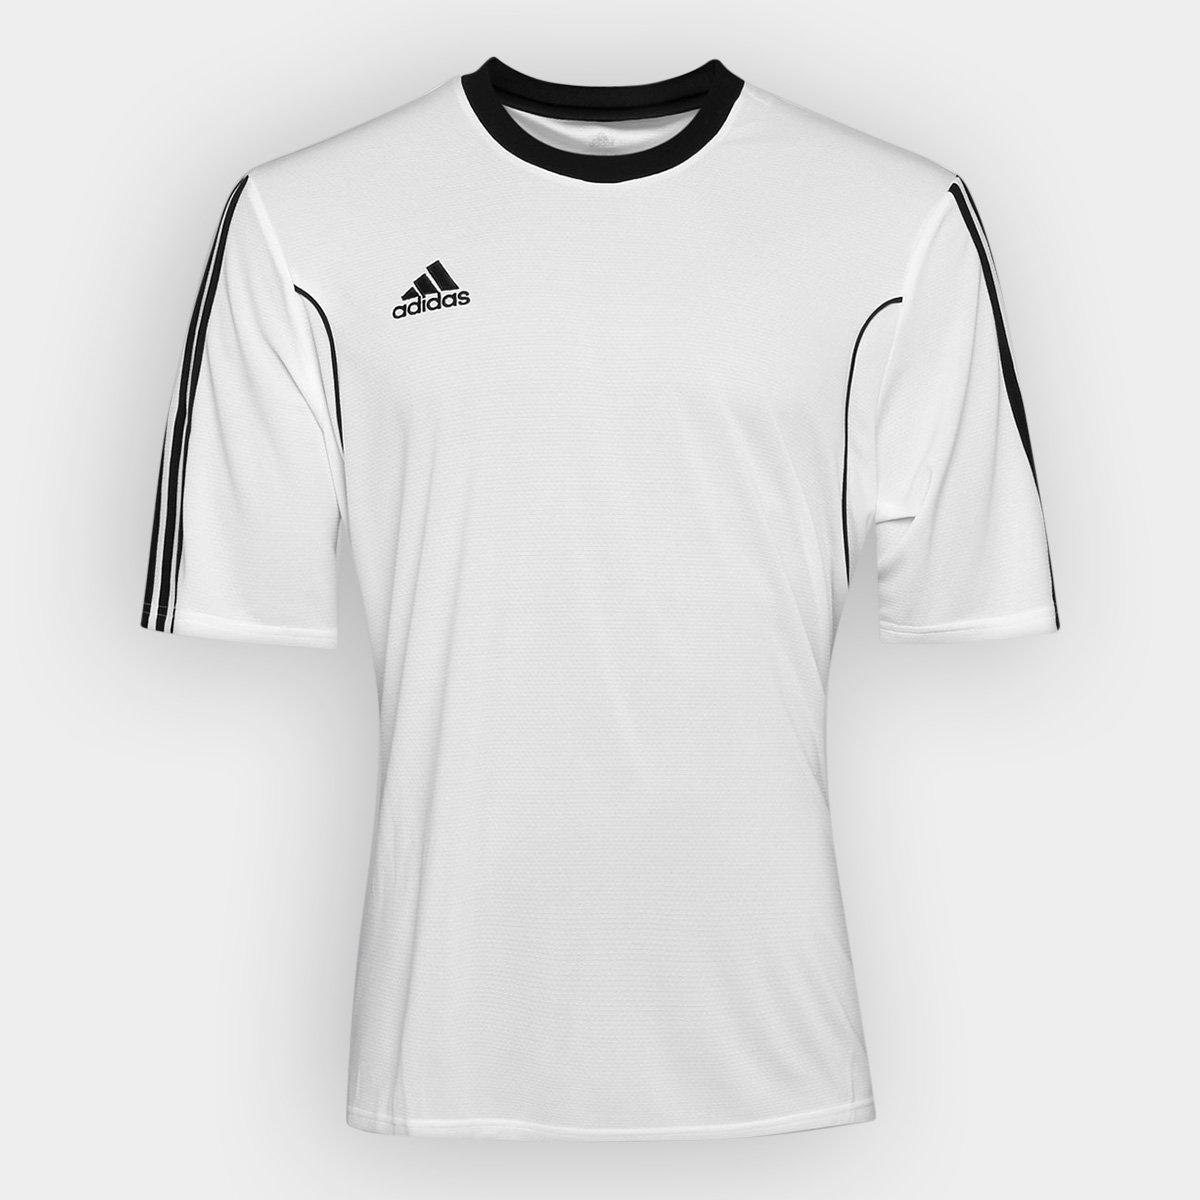 c8841dcd0 Camisa Adidas Squadra 13 Masculina - Compre Agora